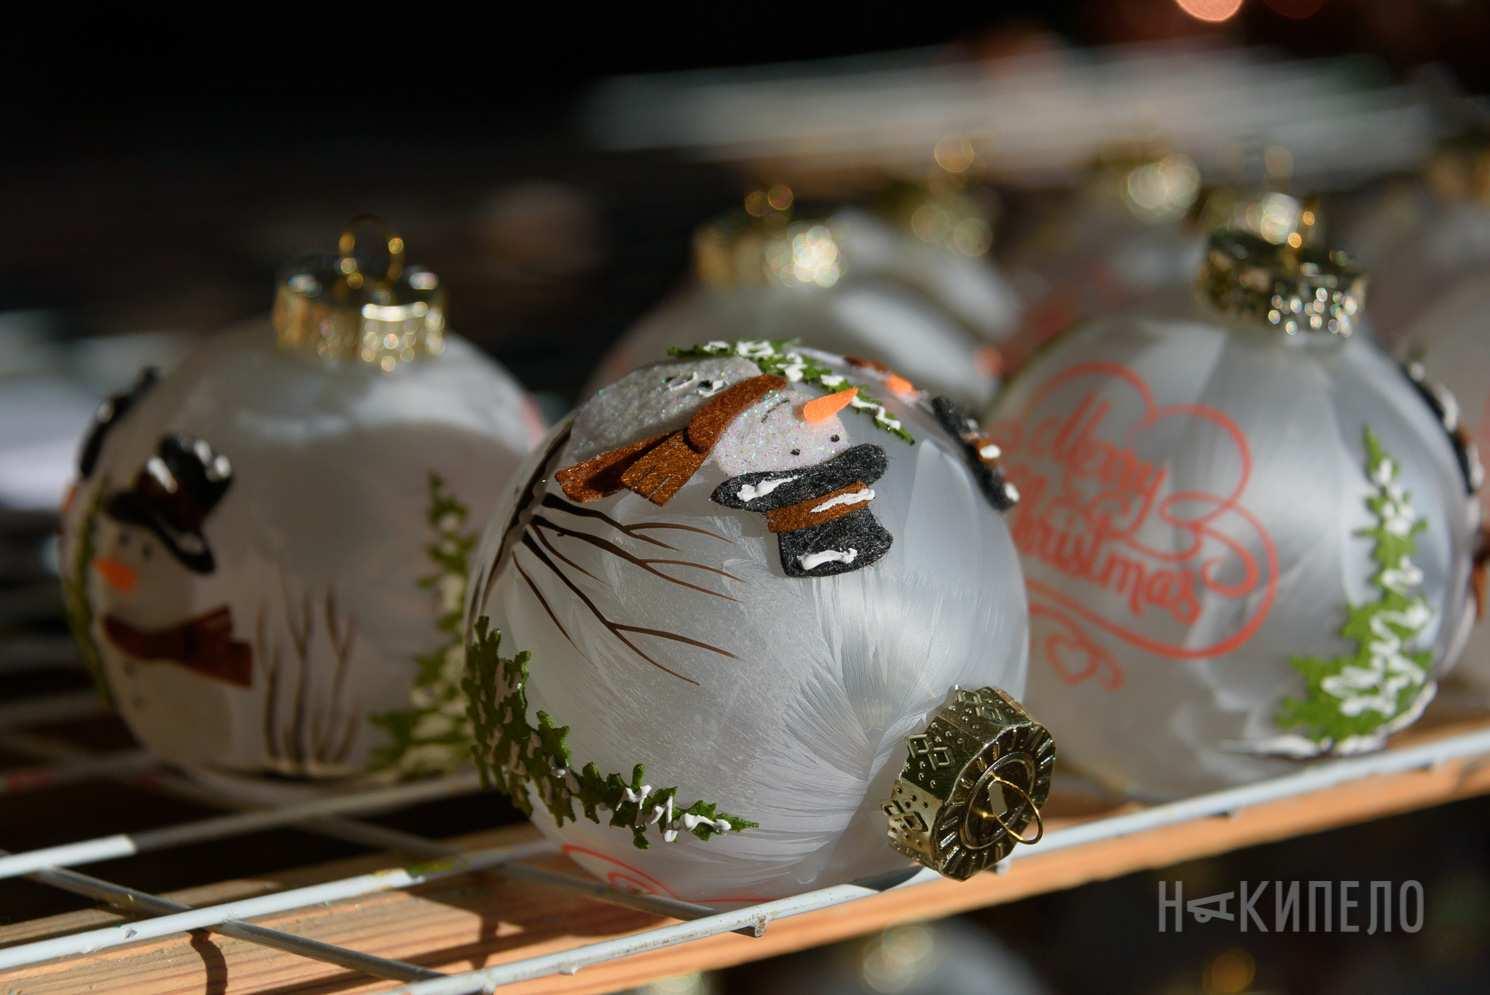 елка игрушки елочные новый год творчество игрушка елочная шар шарик праздник новый год